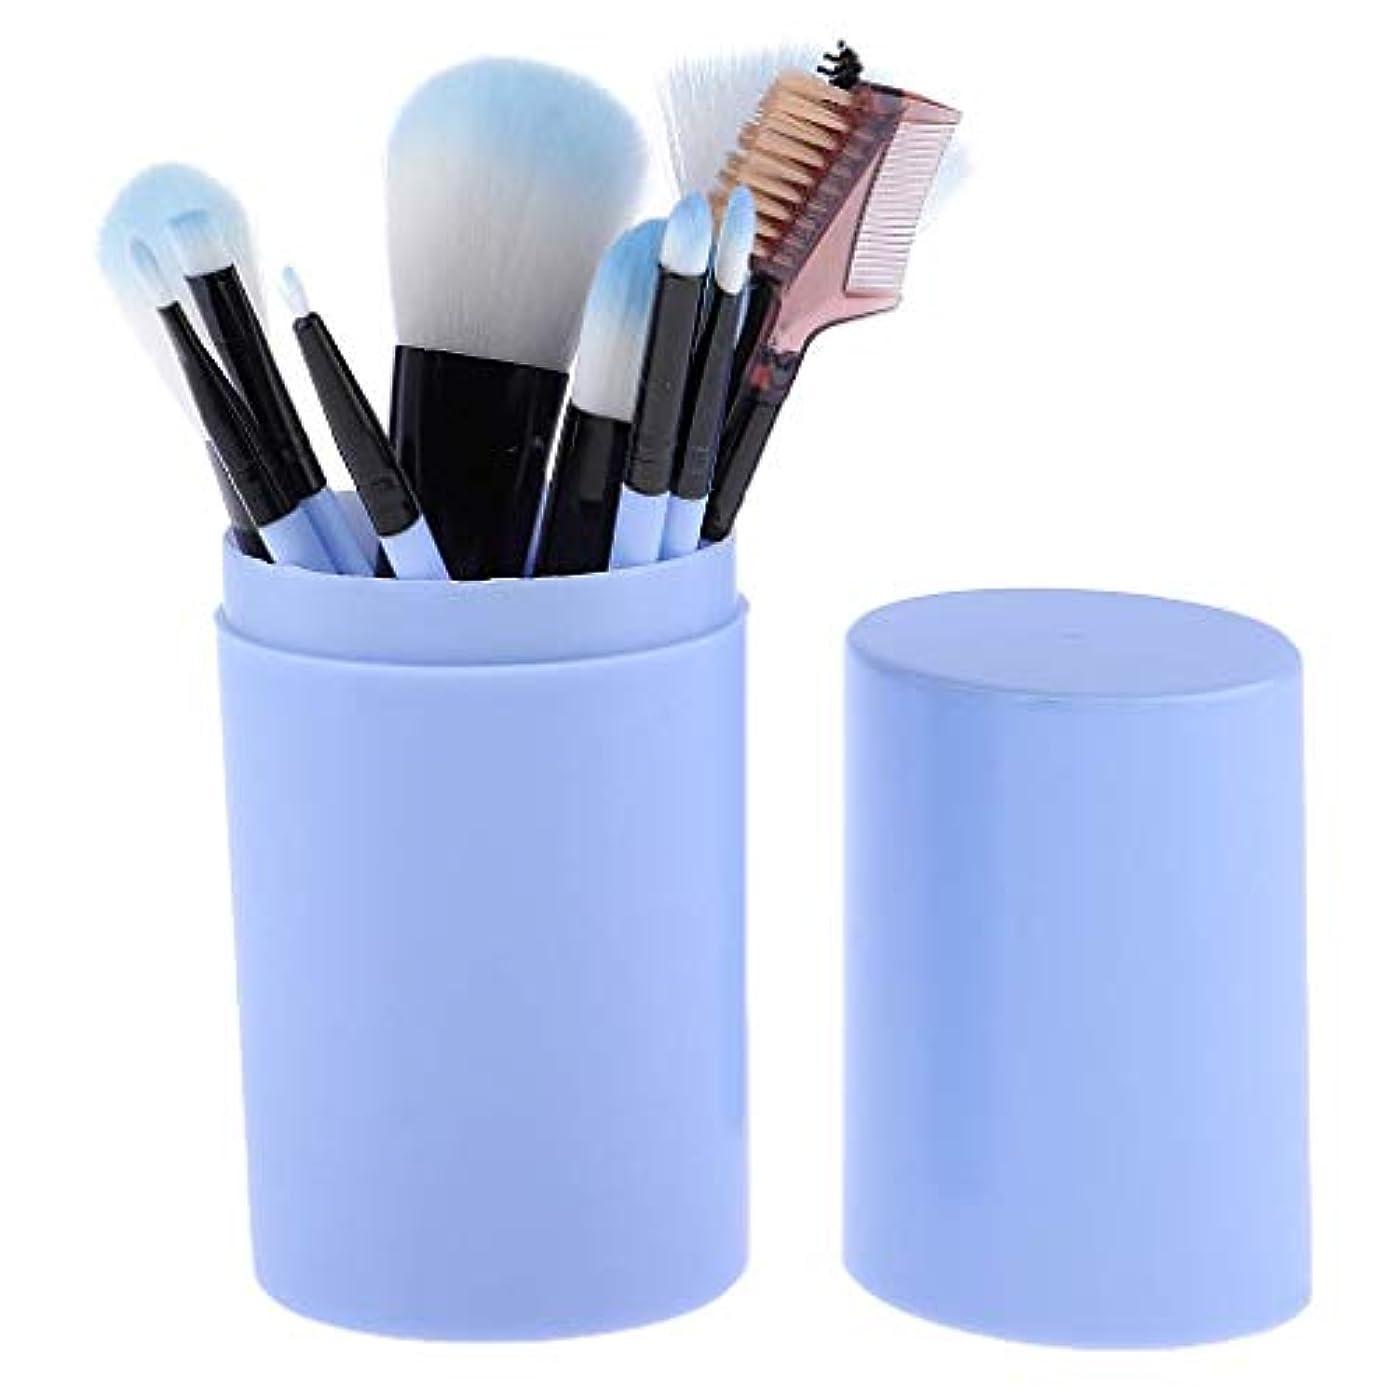 達成ぴったり複合Makeup brushes 青、スミアのようなリアルな、持ち運びに快適、収納バケット付き化粧ブラシセット付き12ピース高品質木製ハンドル化粧ブラシセット suits (Color : Blue)